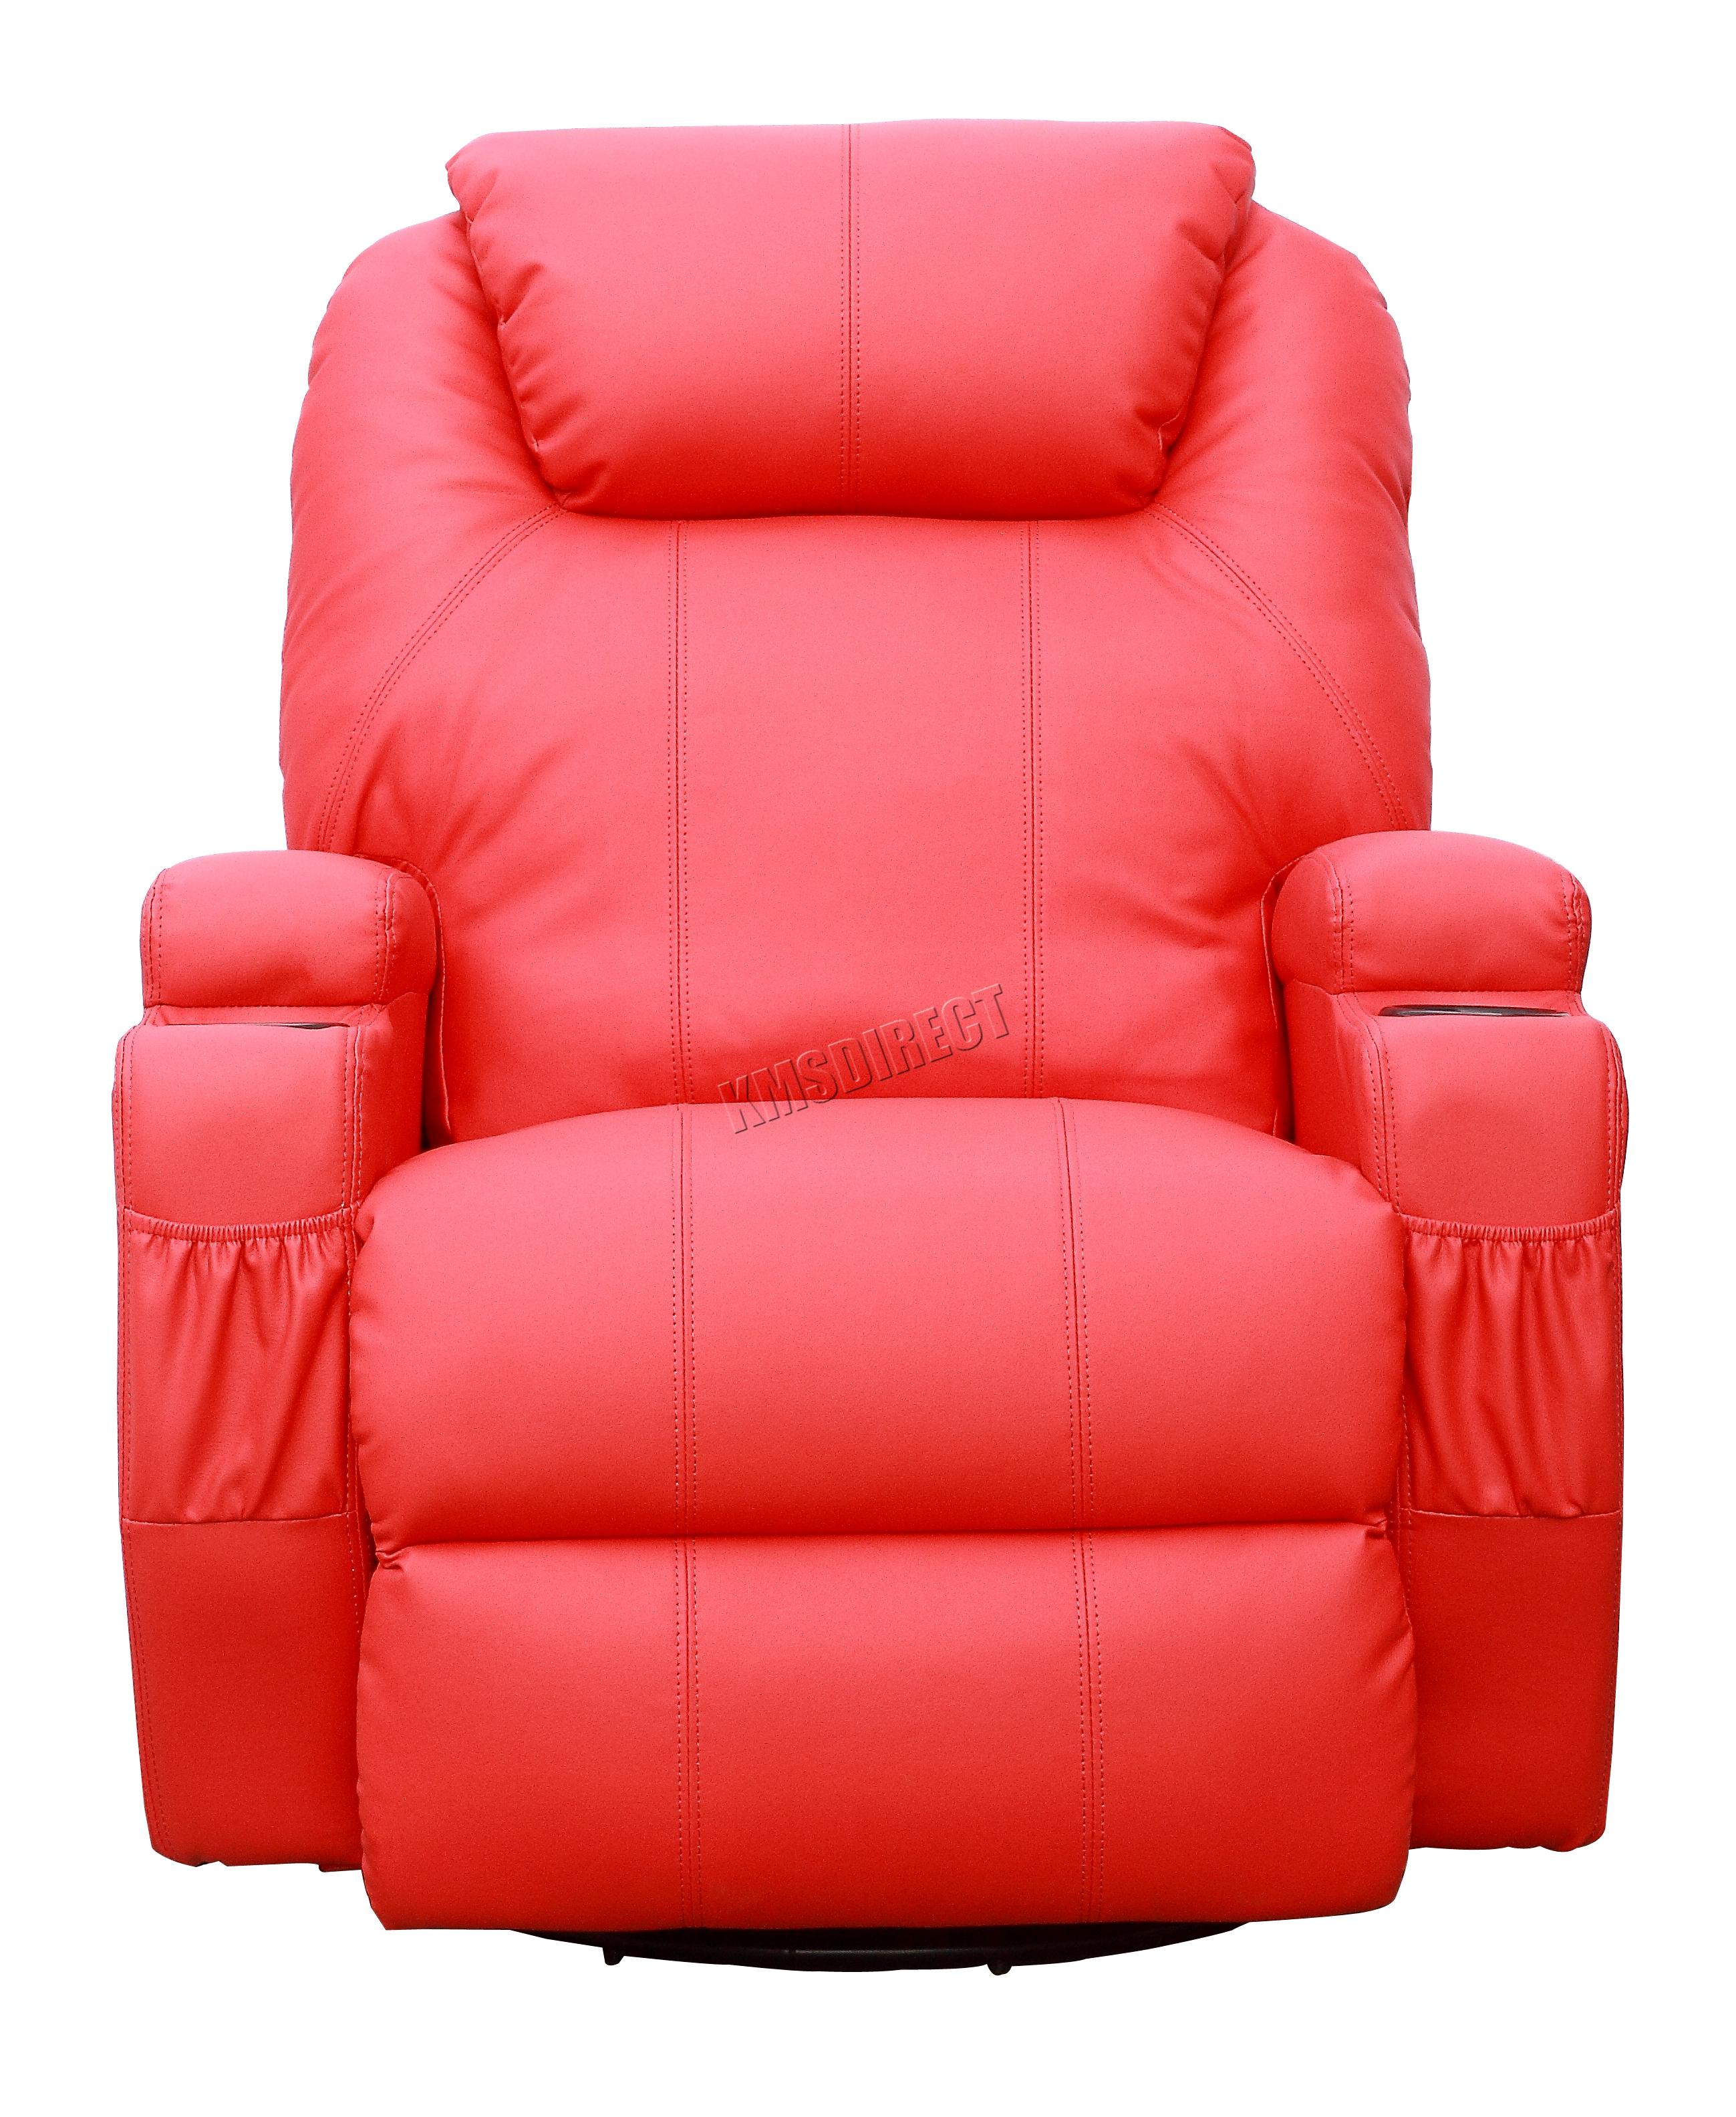 Sofá de butaca reclinable con sistema de masaje de cuero reconstituido Westwood-6216